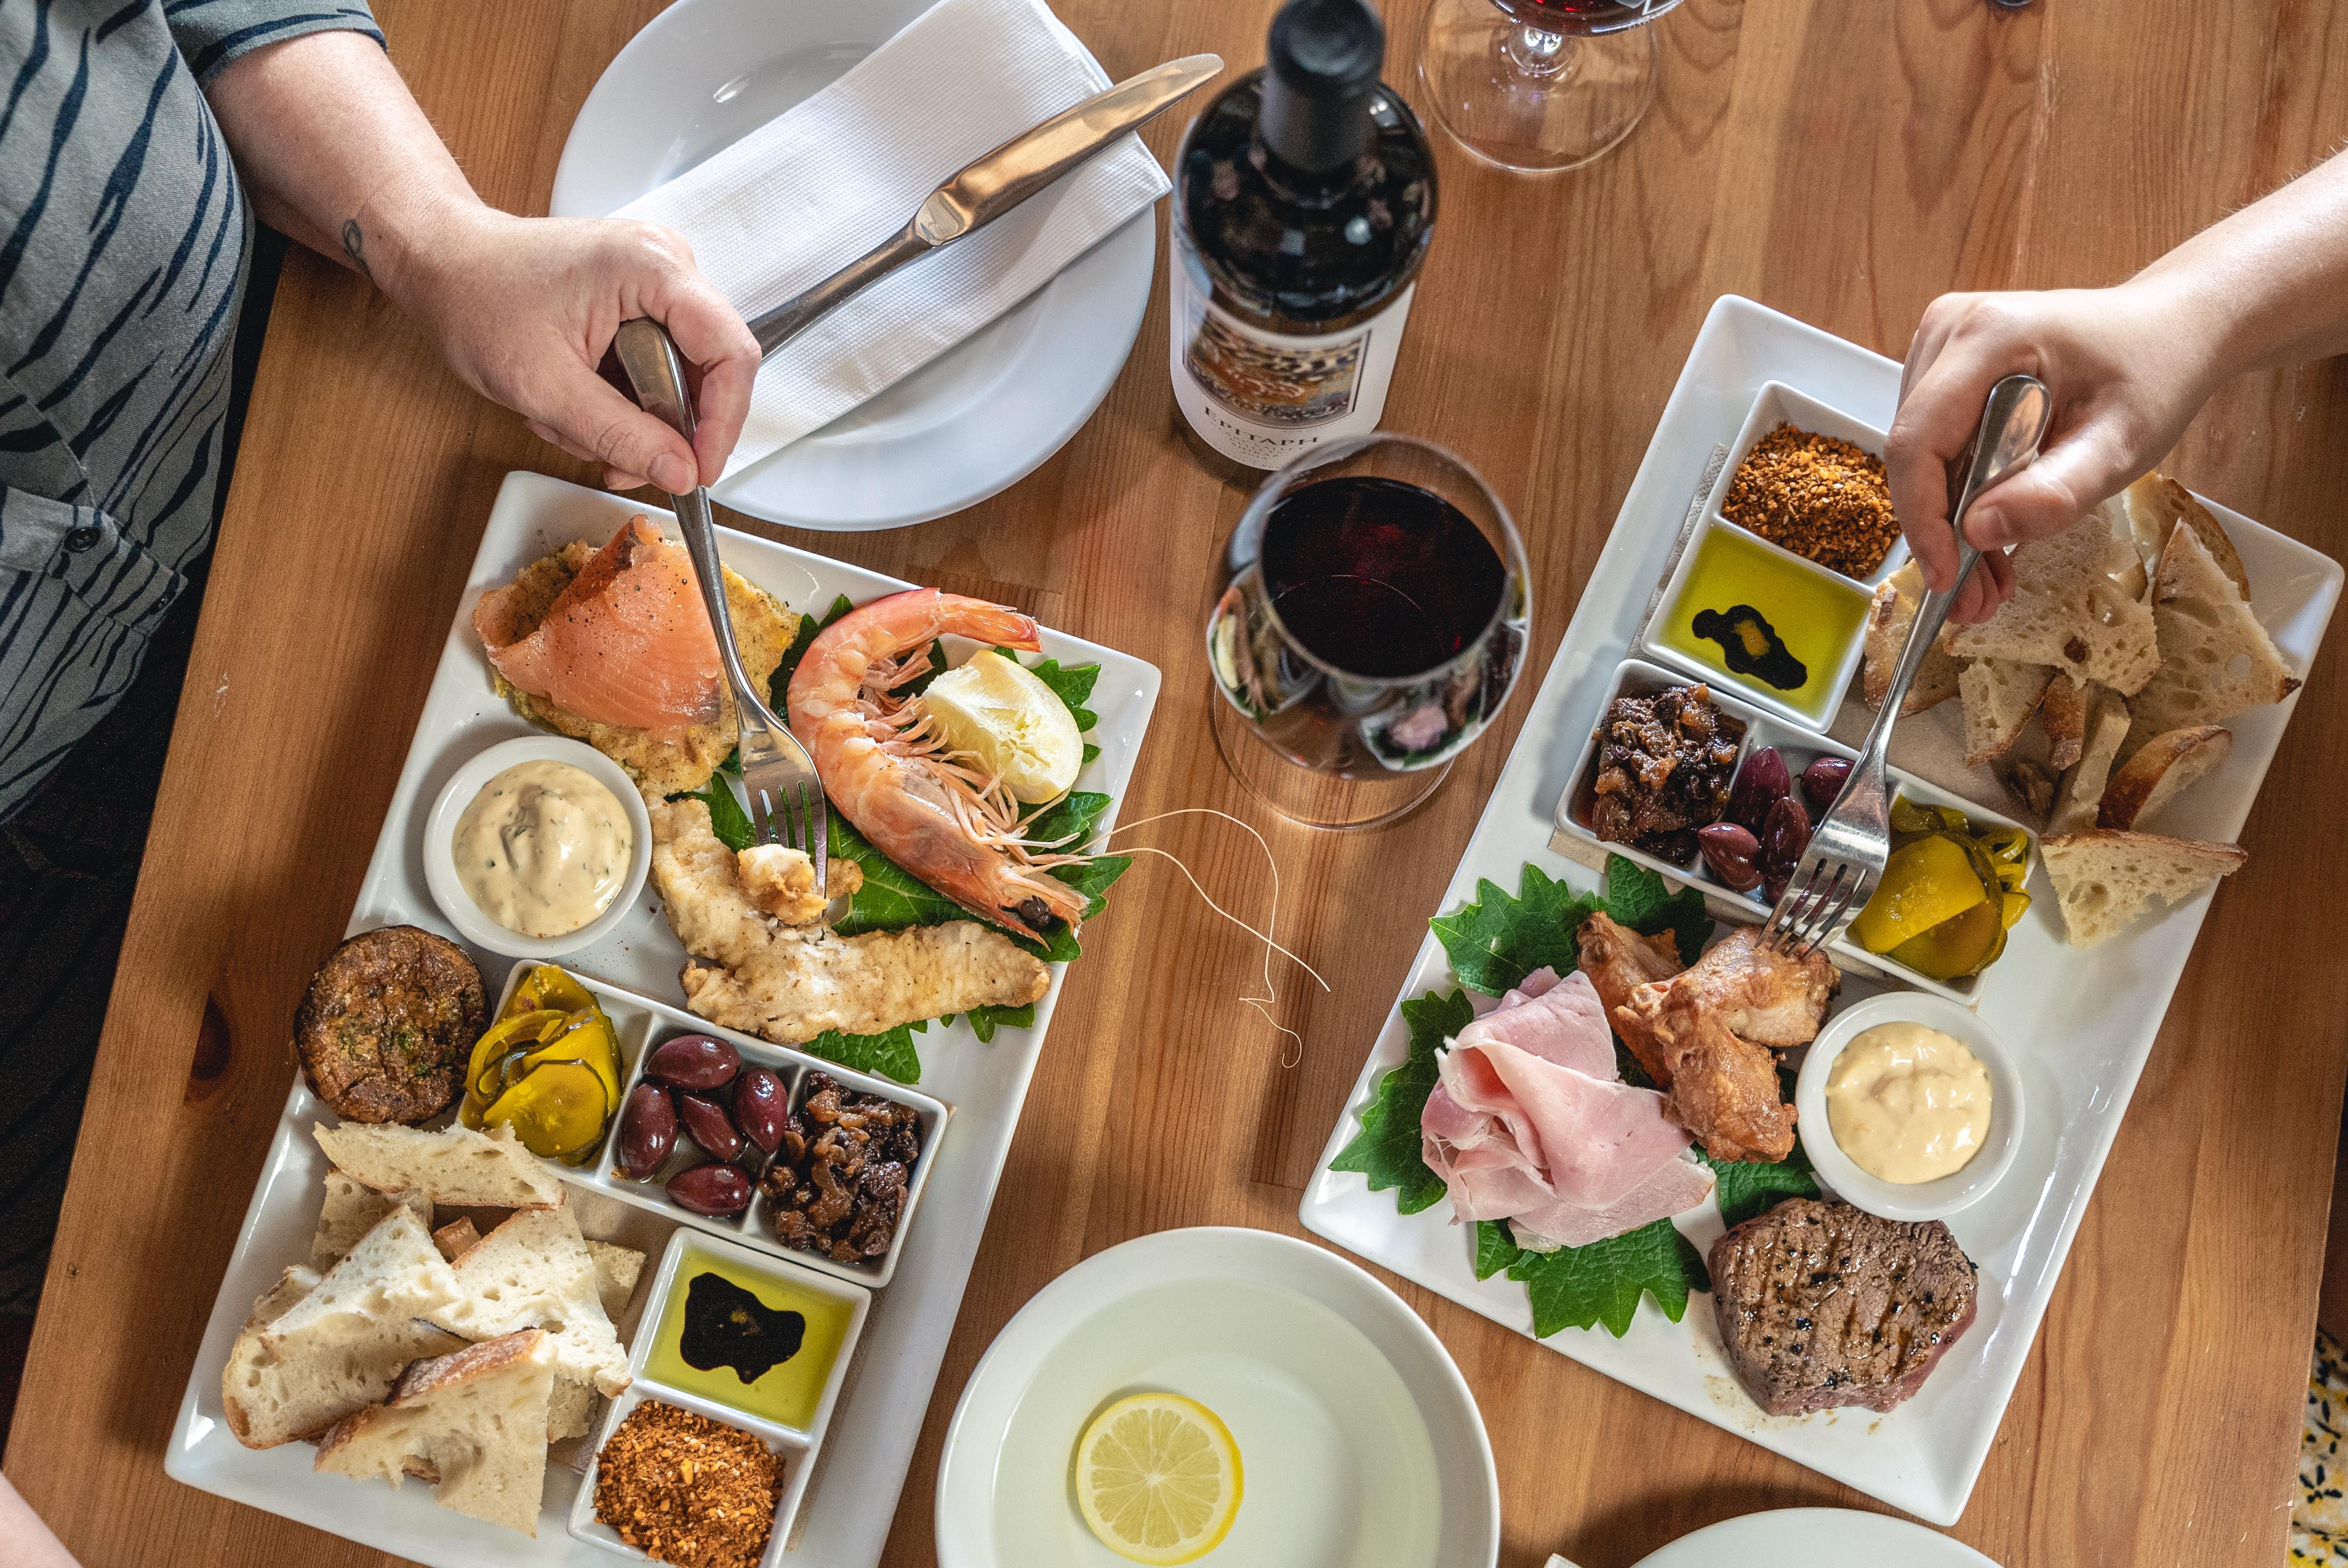 Reillys Wines - Platters